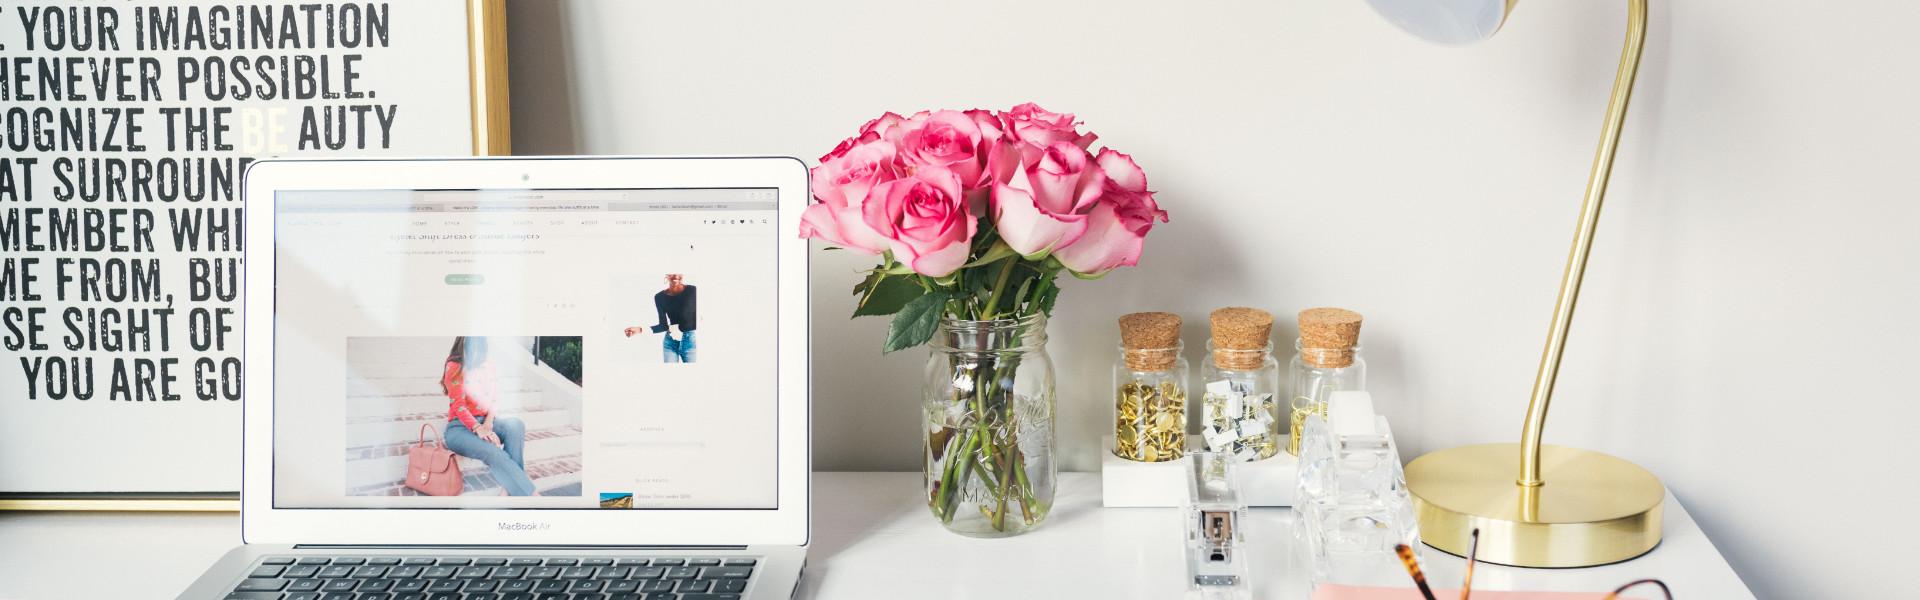 Jaką lampkę biurkową wybrać - ładną czy ergonomiczną?